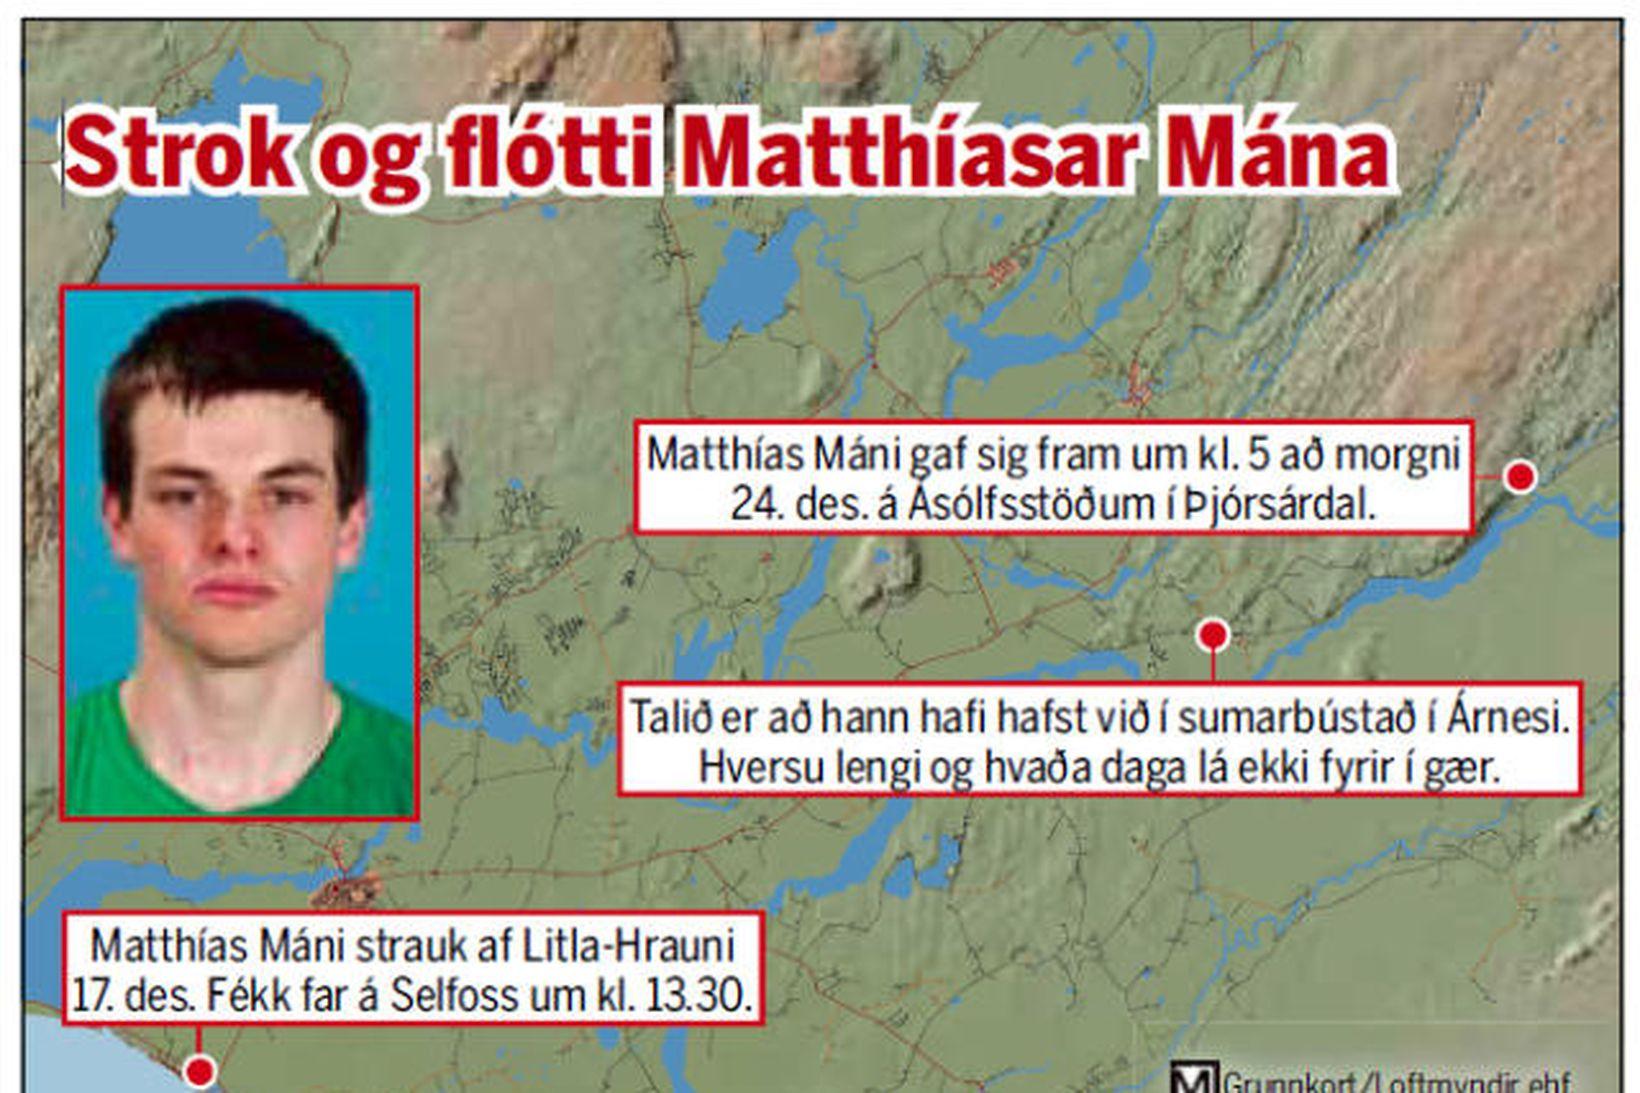 Strok og flótti Matthíasar Mána.